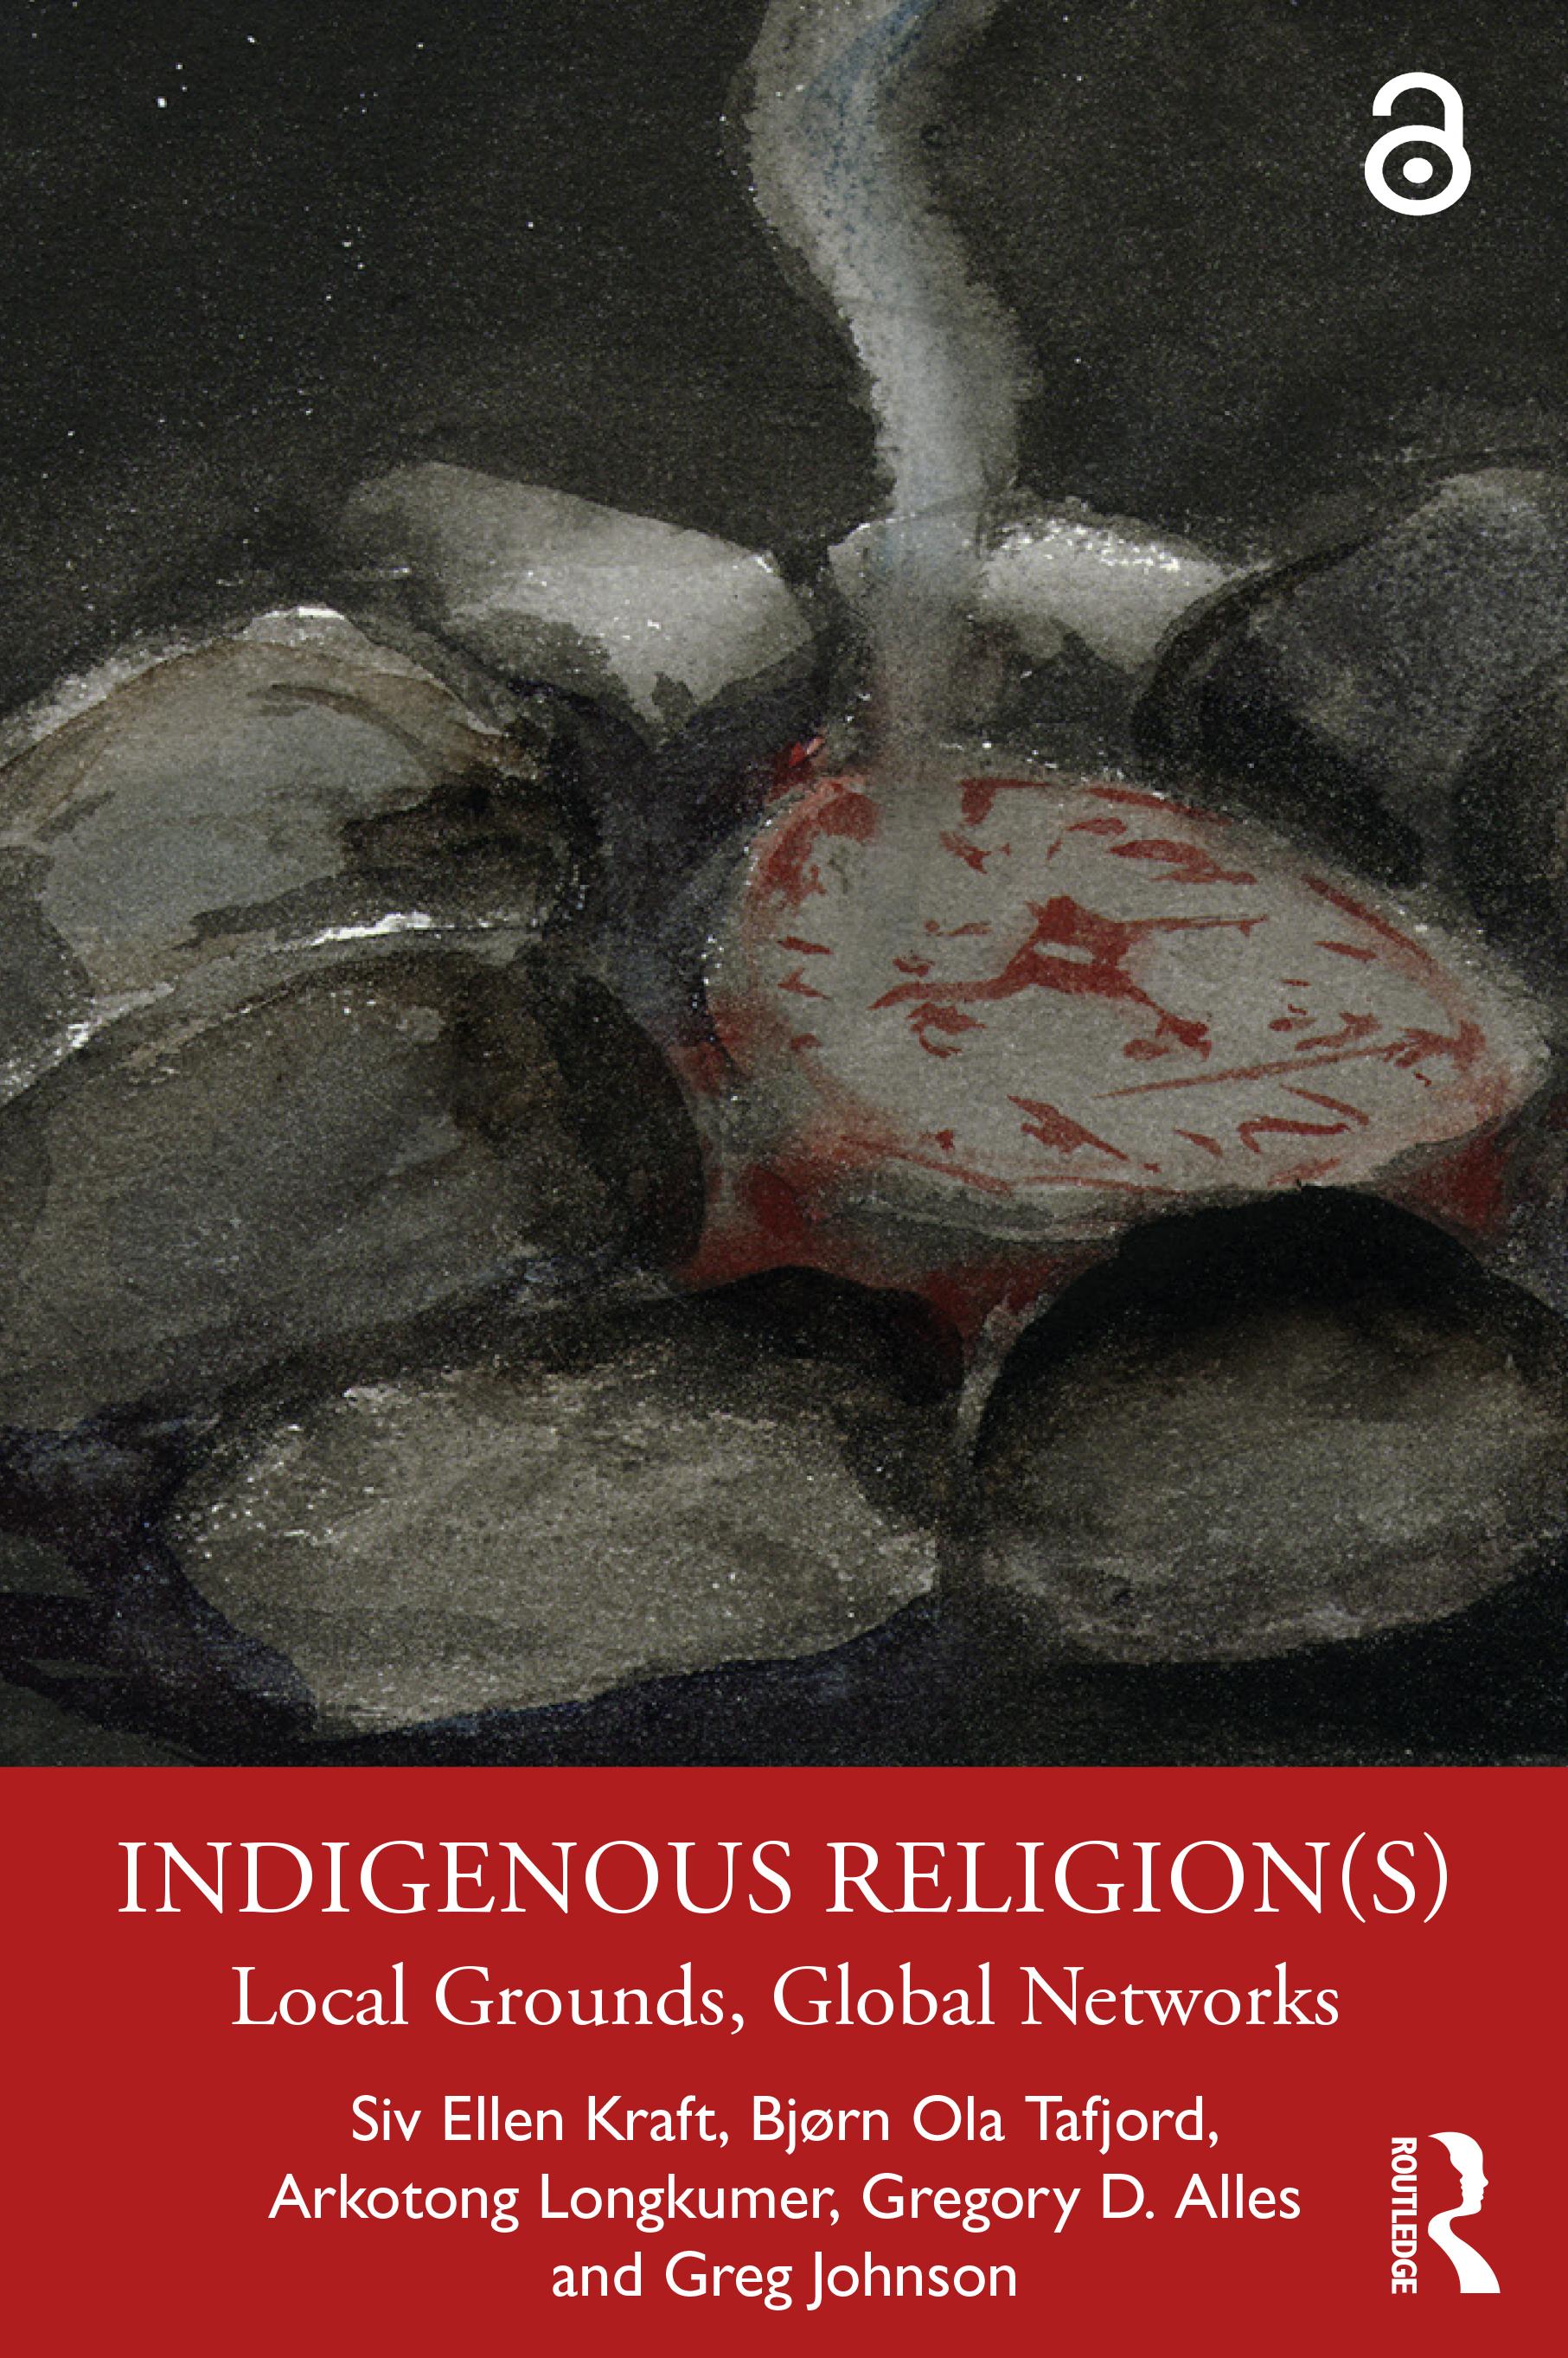 Indigenous Religion(s)